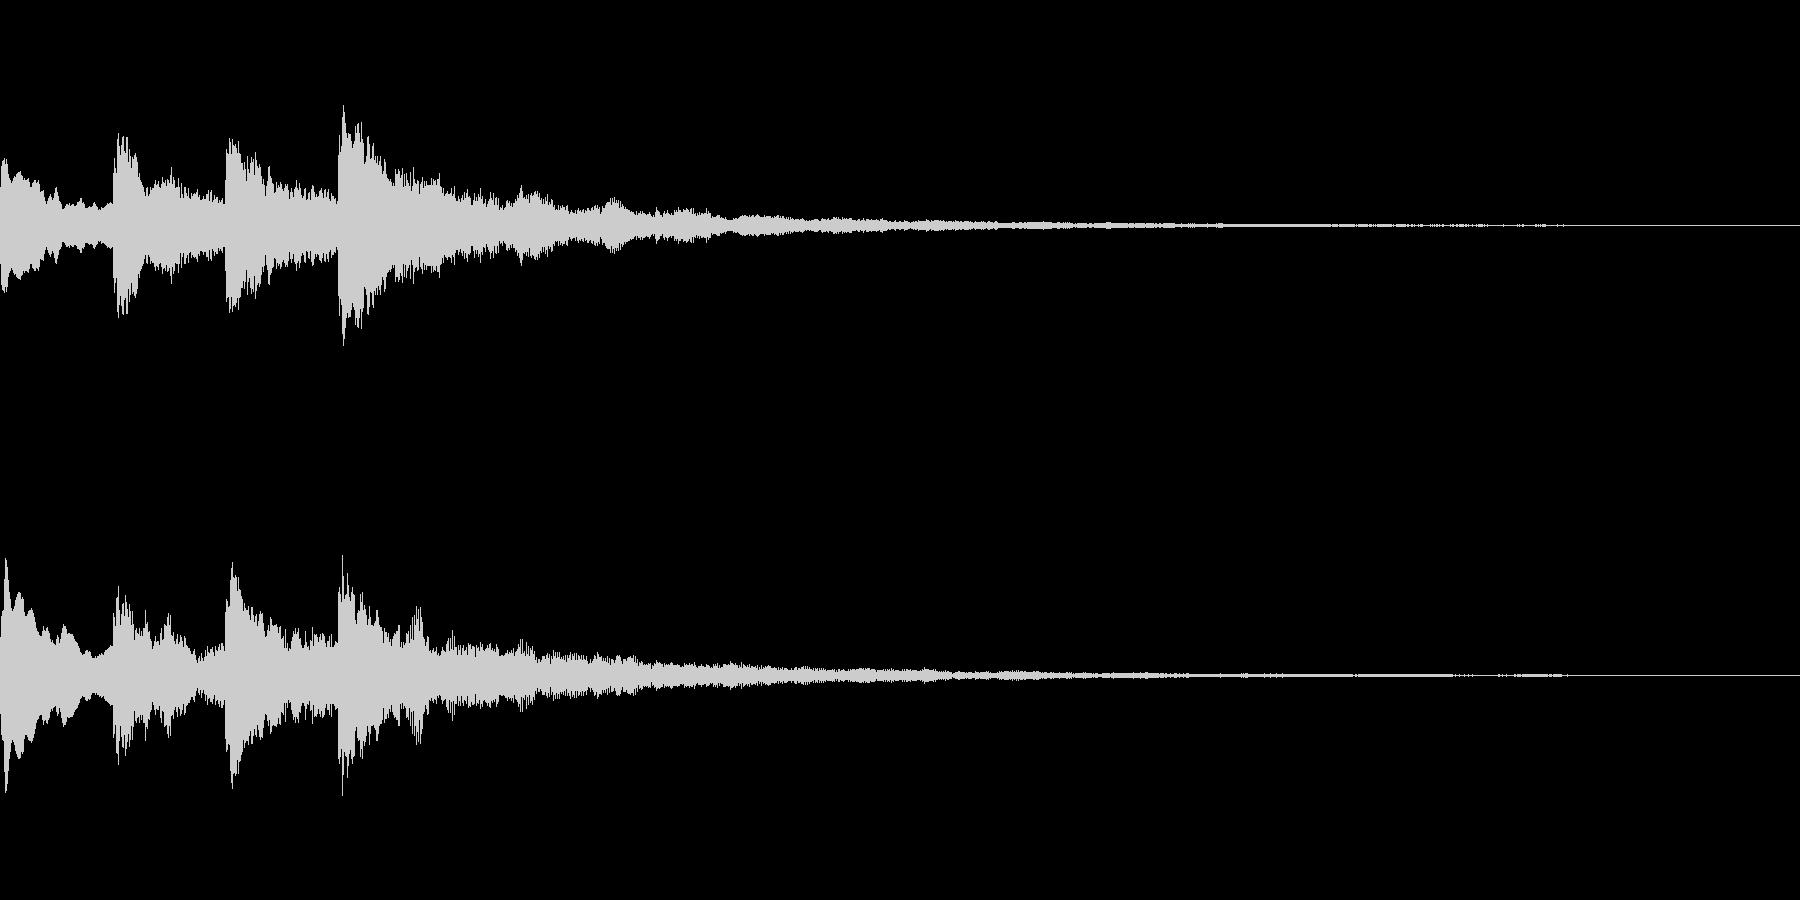 ピンポンパンポーン(シンセベルの音で)の未再生の波形